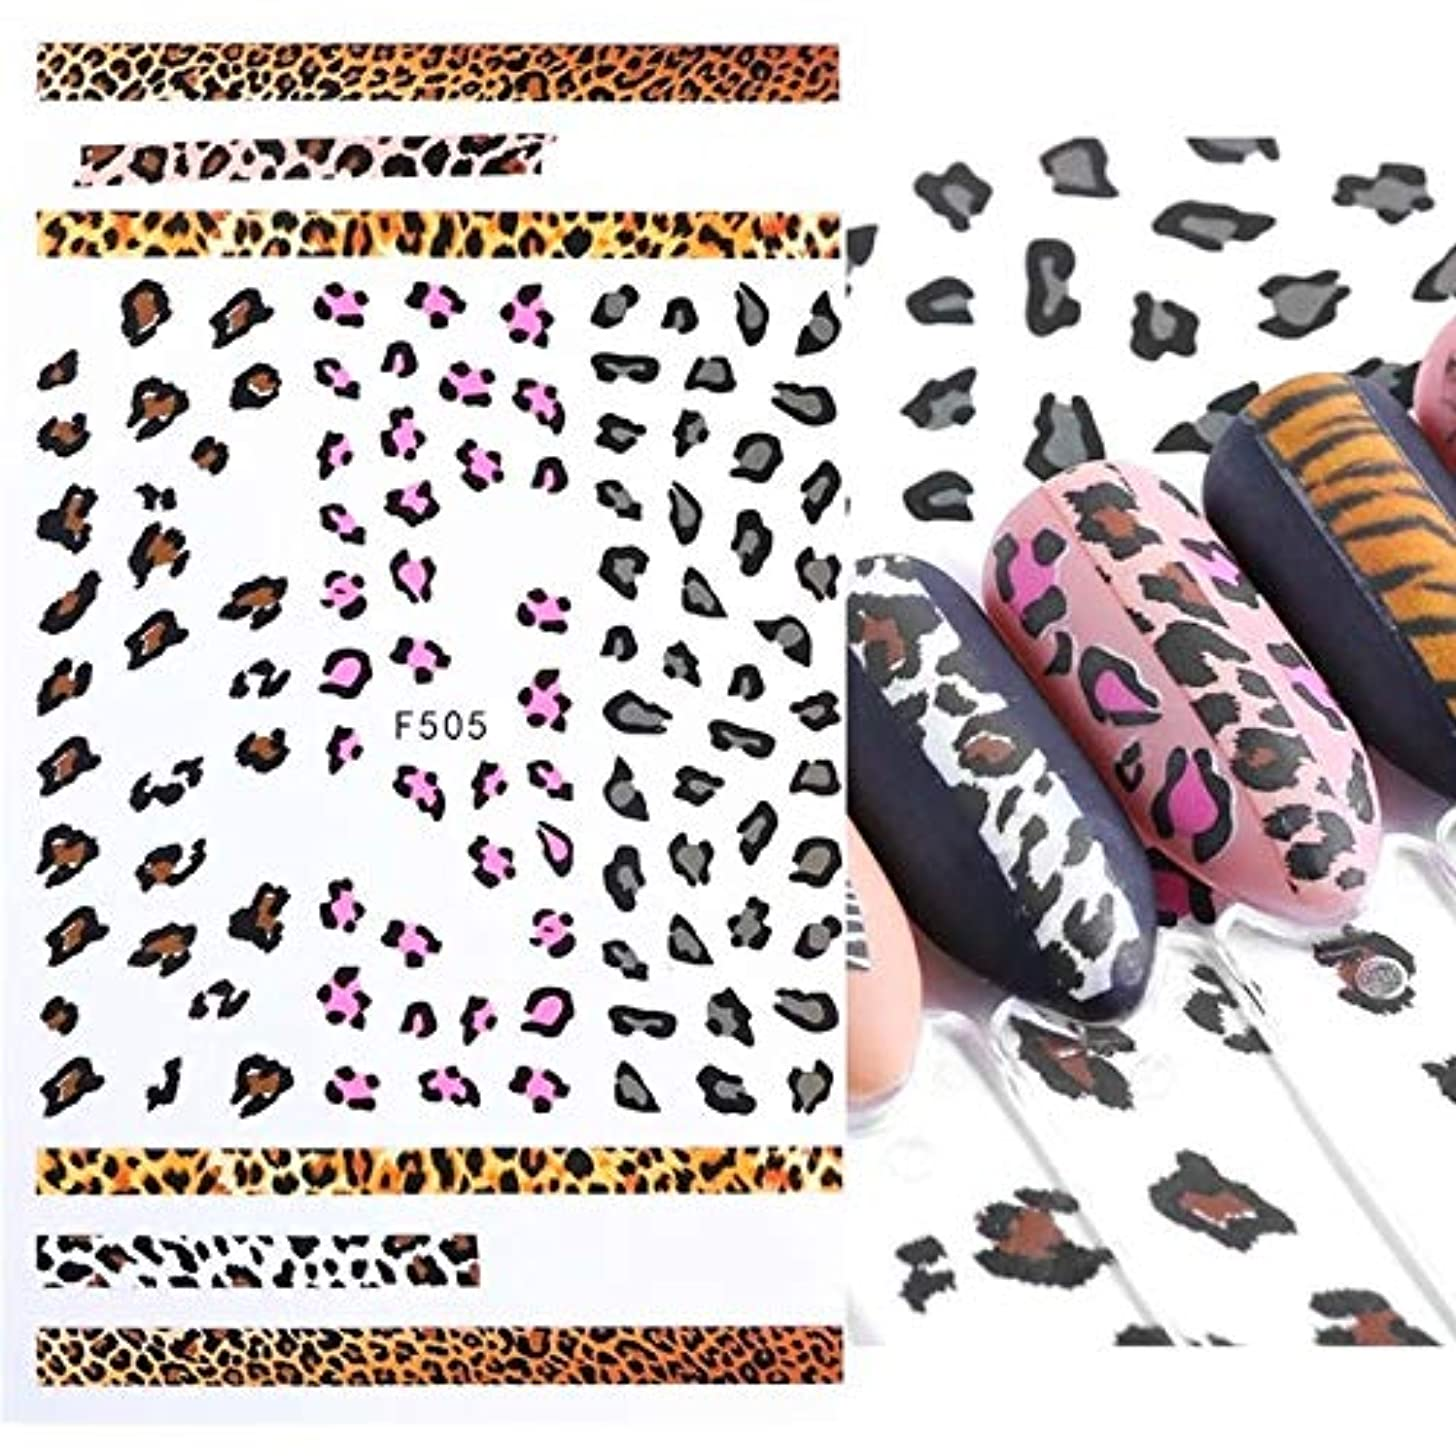 効率シニス怠惰SUKTI&XIAO ネイルステッカー 1ピースネイルステッカーヒョウ柄動物パターンデザイン3D粘着マニキュアツールスライダーネイルアート装飾